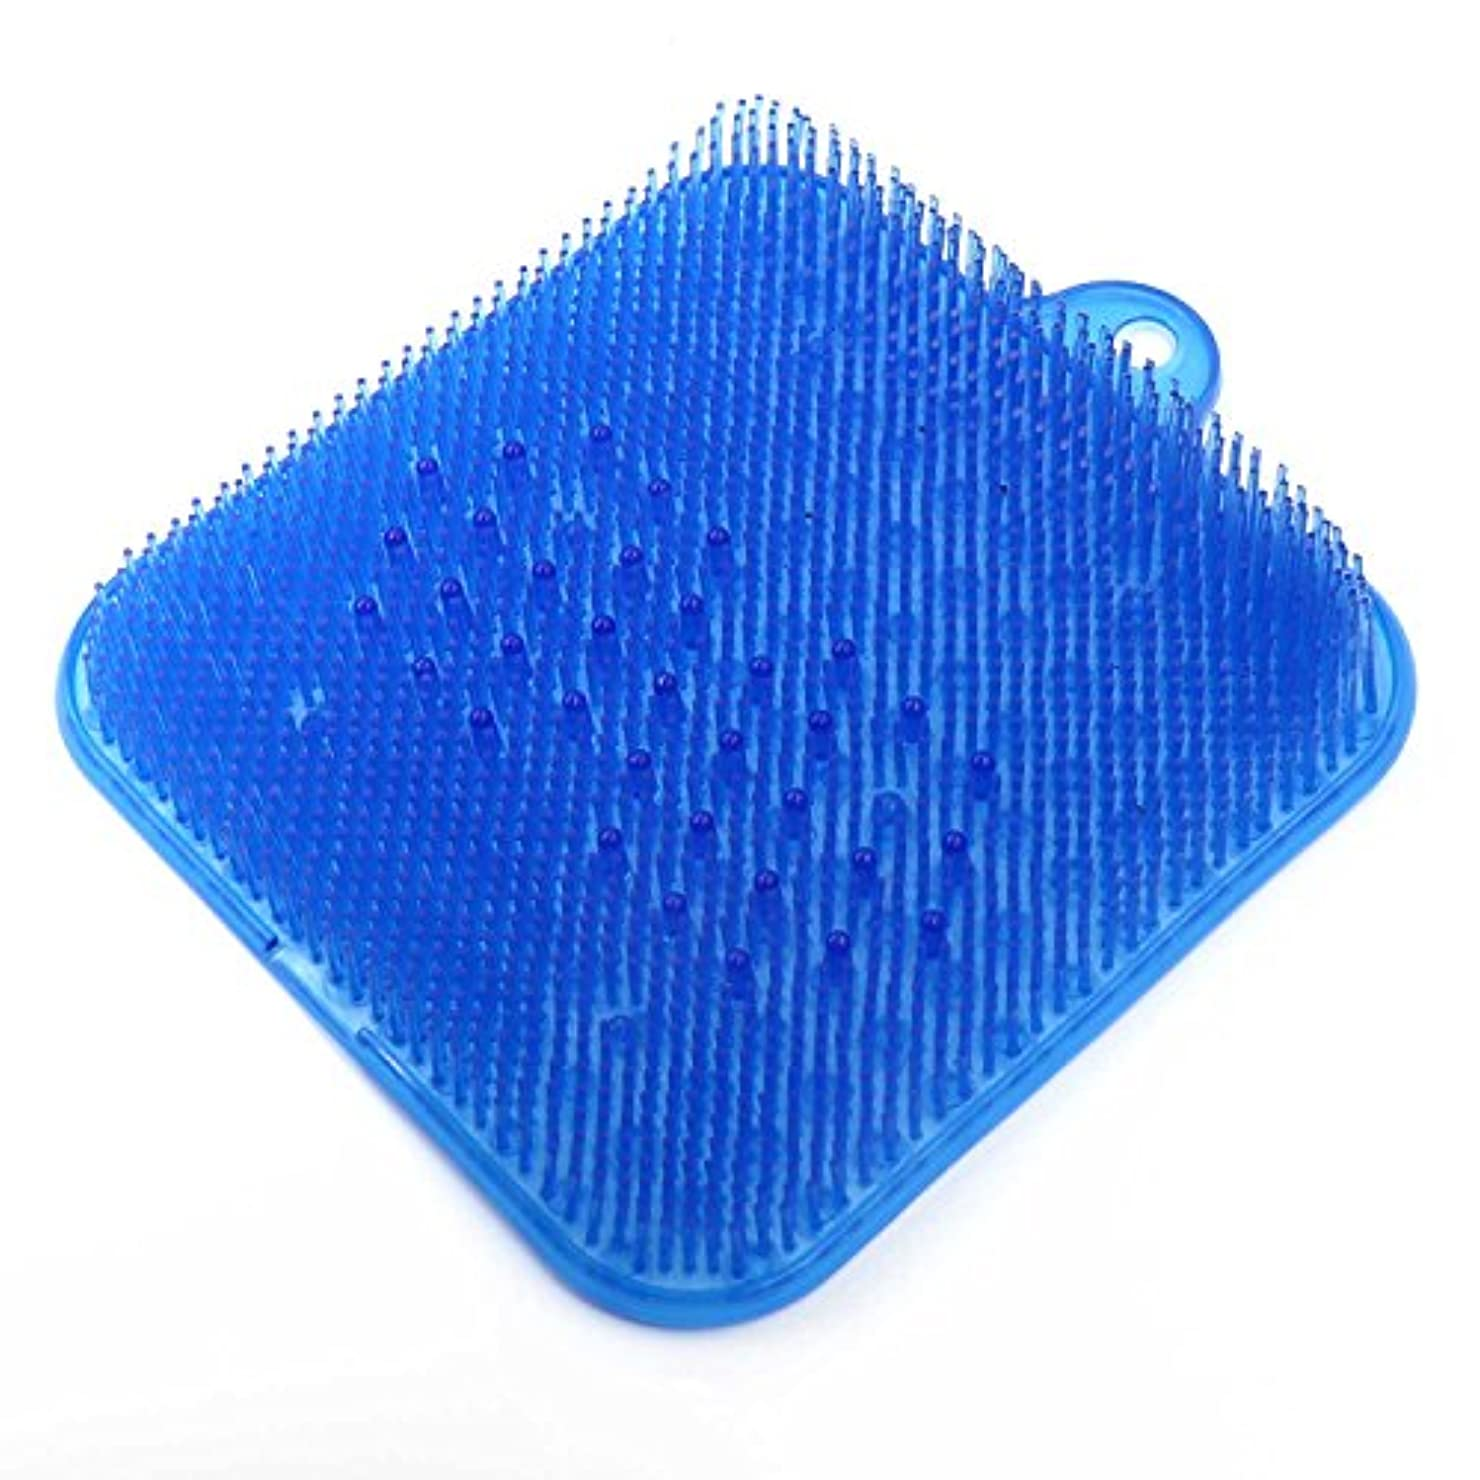 ピボットスリッパ定期的なDigHealth 足洗いマット ブルー